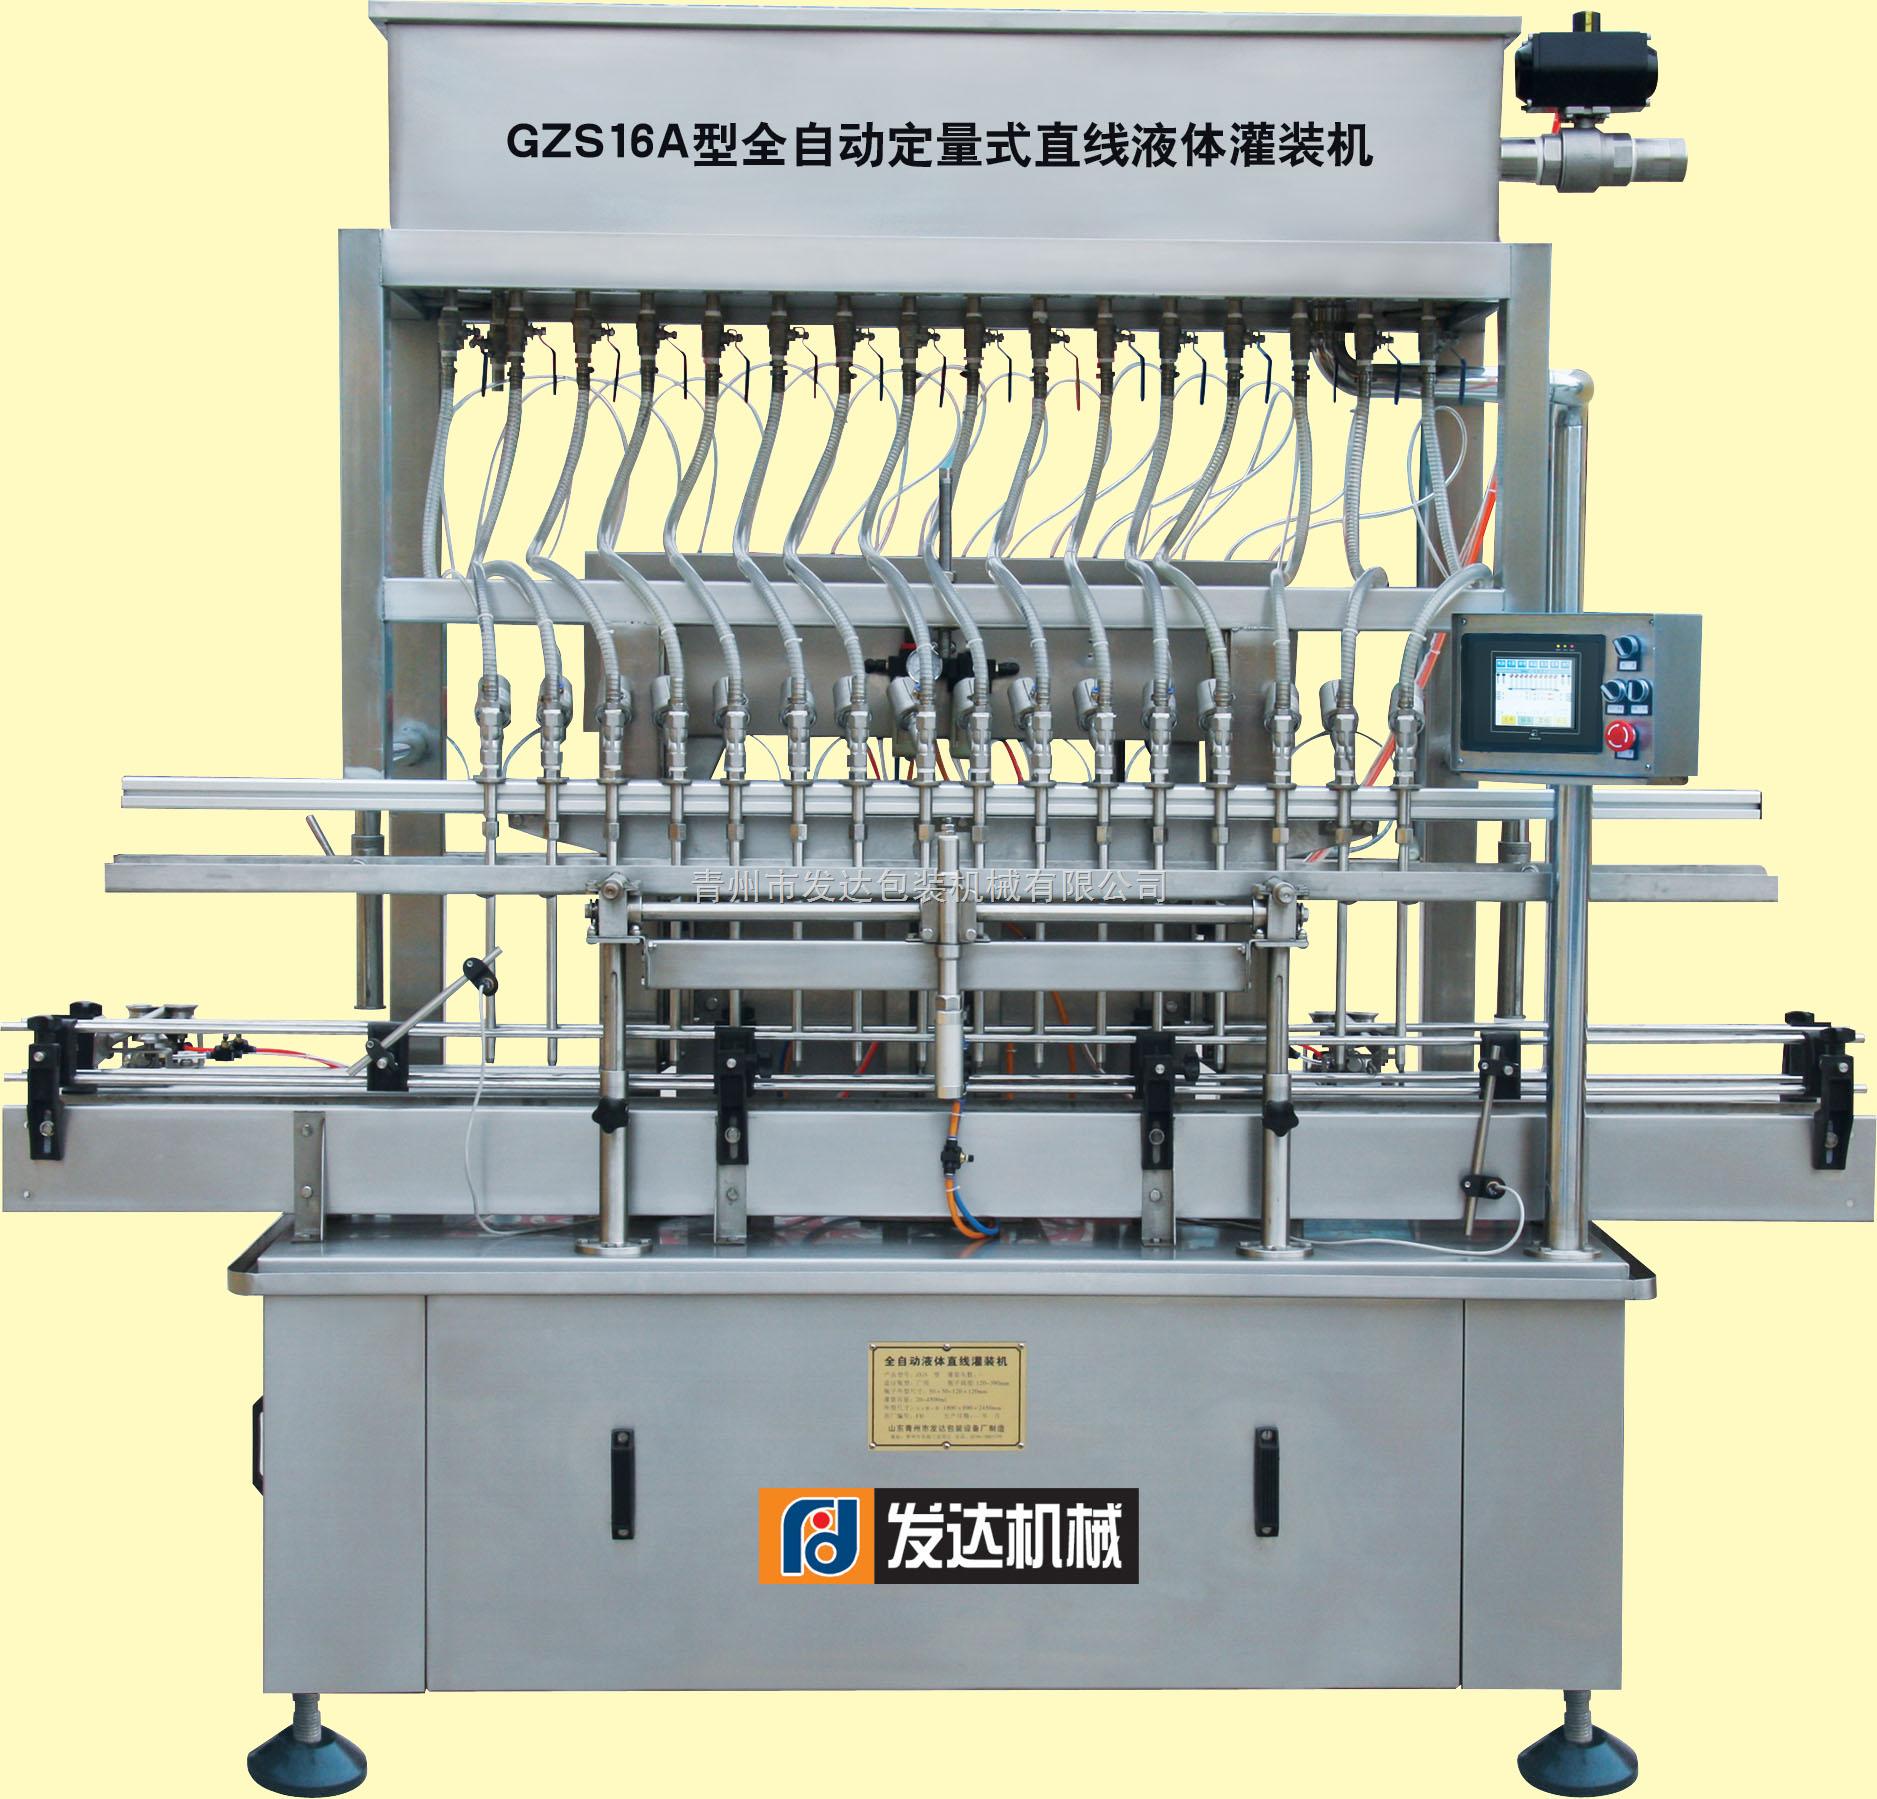 gzs16a型 直线灌装机